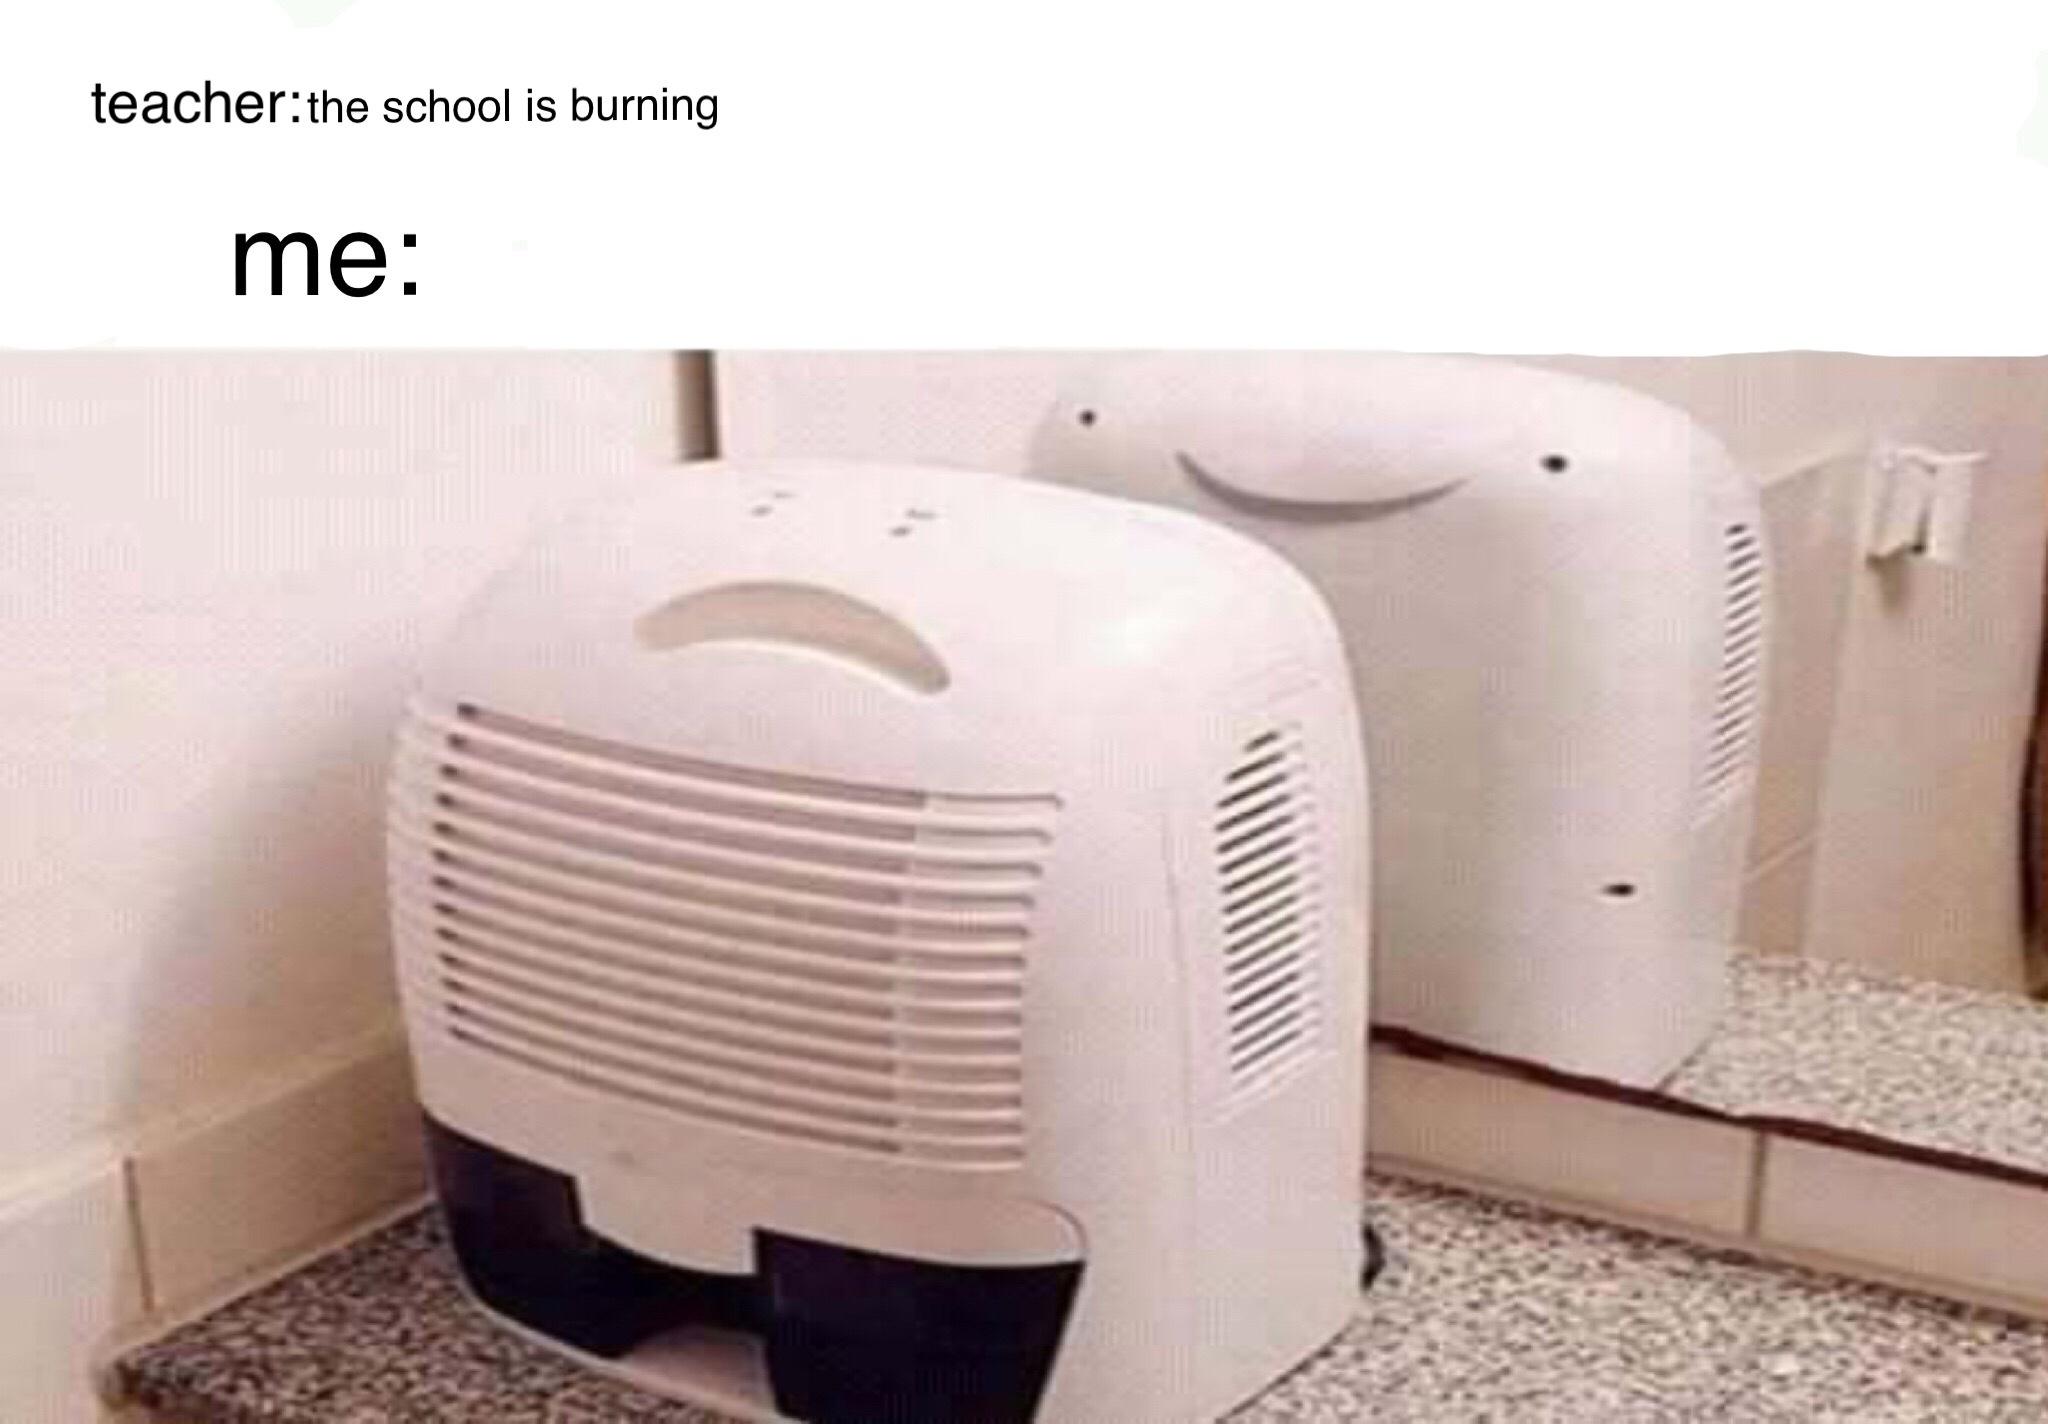 School burning - meme